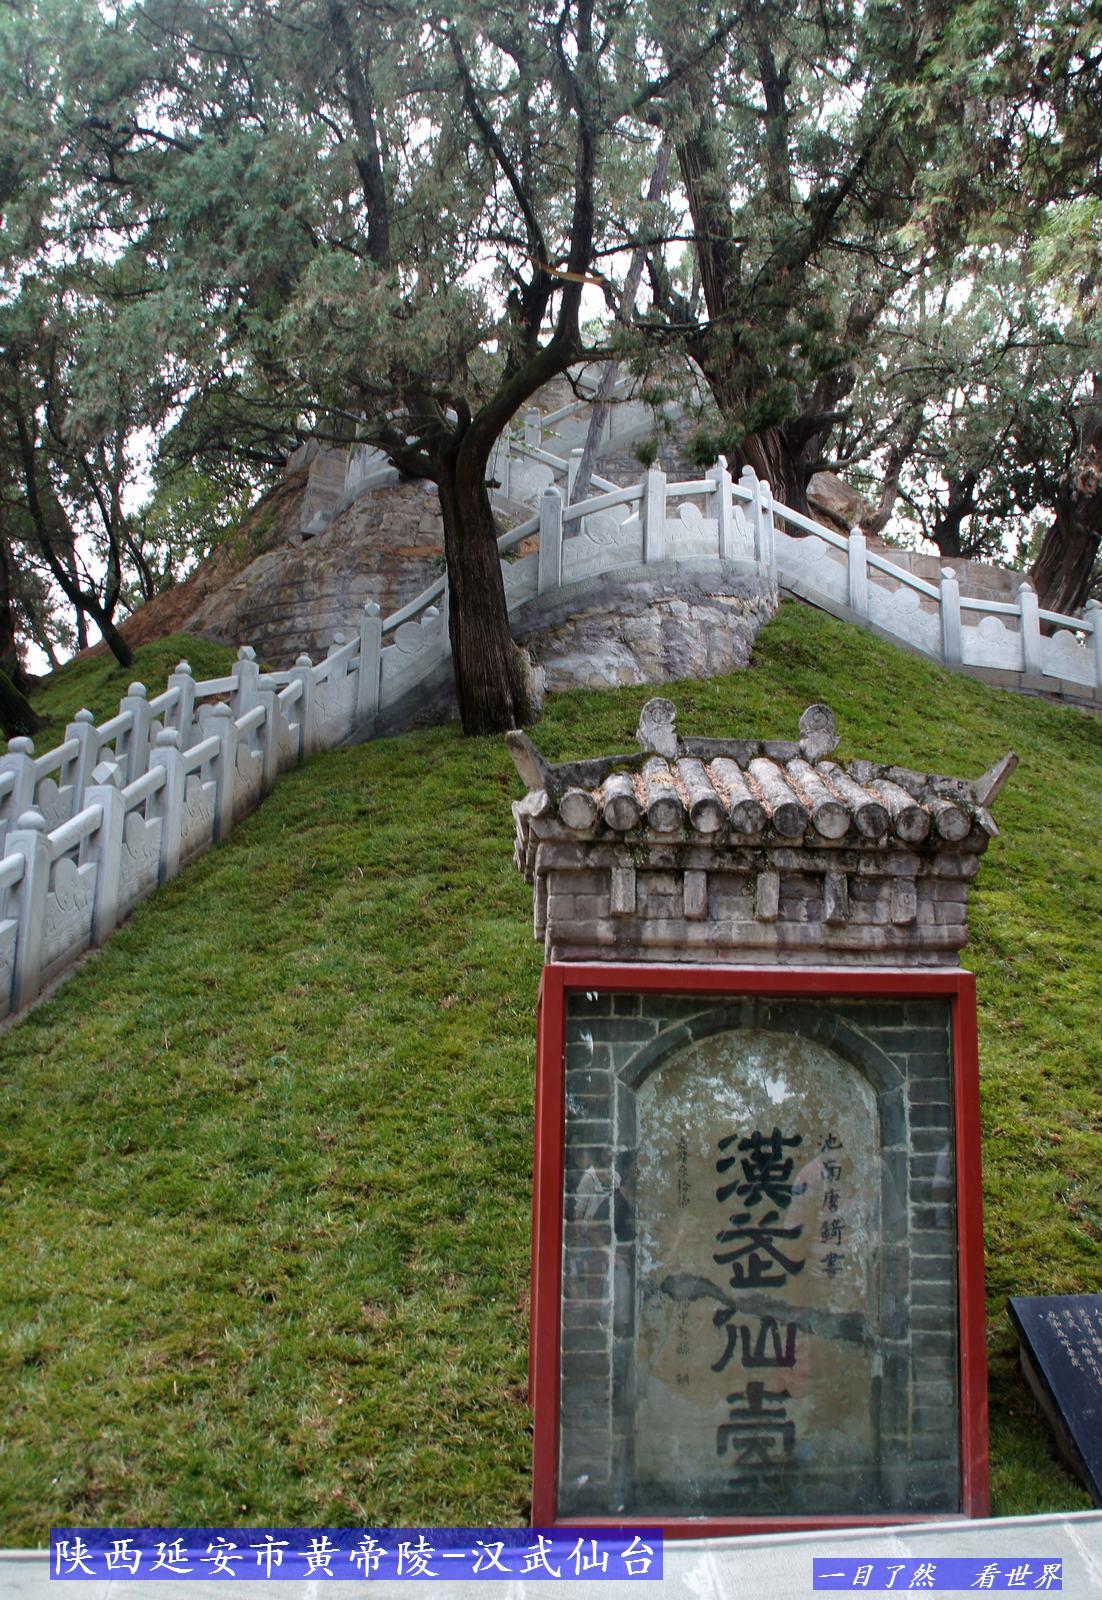 黄帝陵景区-汉武仙台-71-1600.jpg